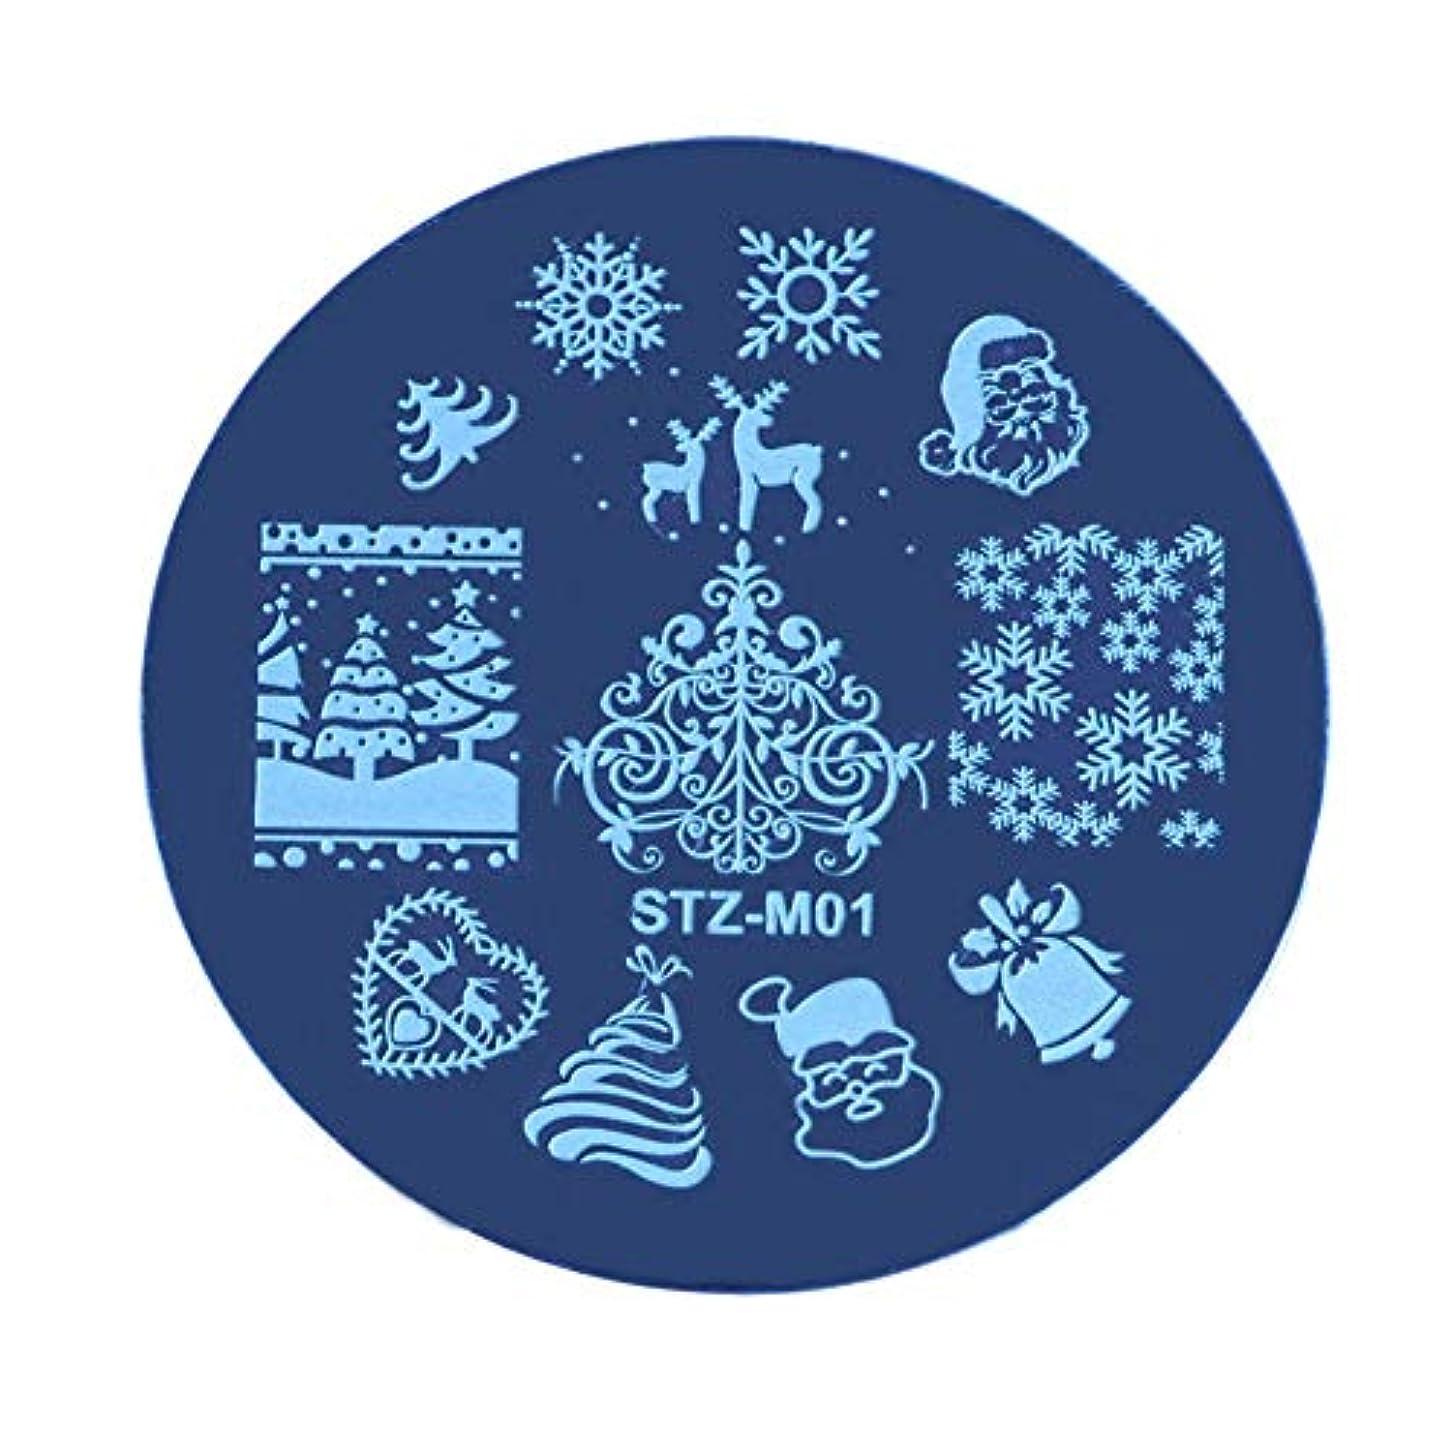 退屈なイル記念碑Lucoss クリスマスネイルステッカー、クリスマススチールプレートステッカー、DIYネイルアートオーナメント、ネイルアートアクセサリー